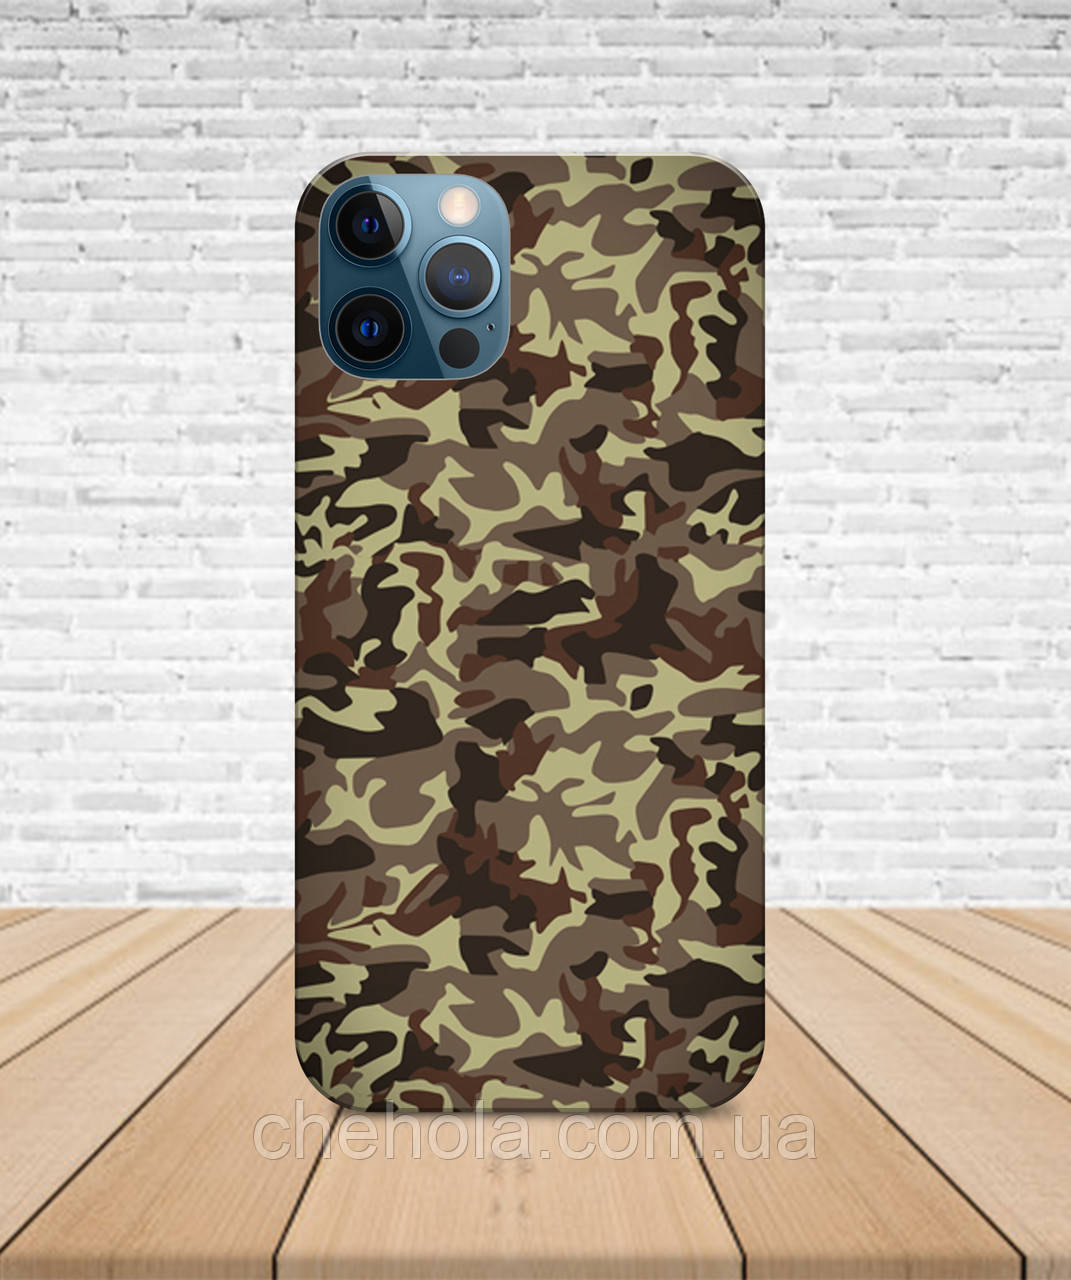 Матовый Чехол iPhone 12 Pro Max Mini Камуфляж с принтом